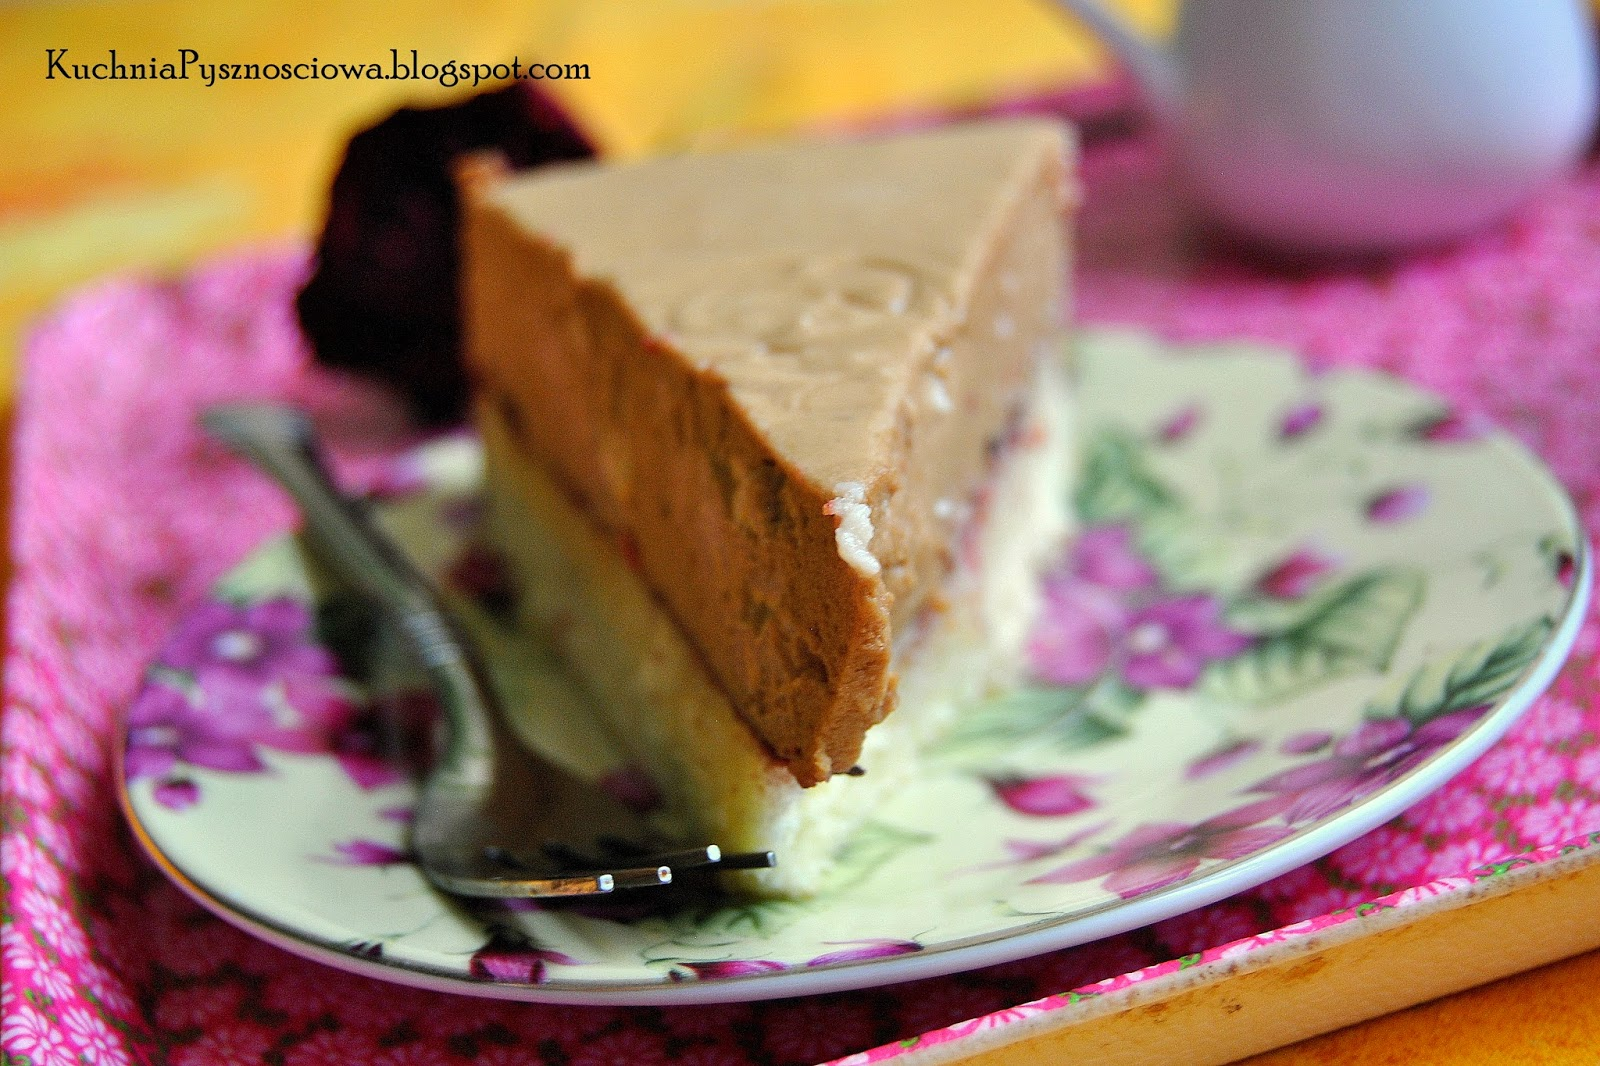 181. Delikatne ciasto krówka